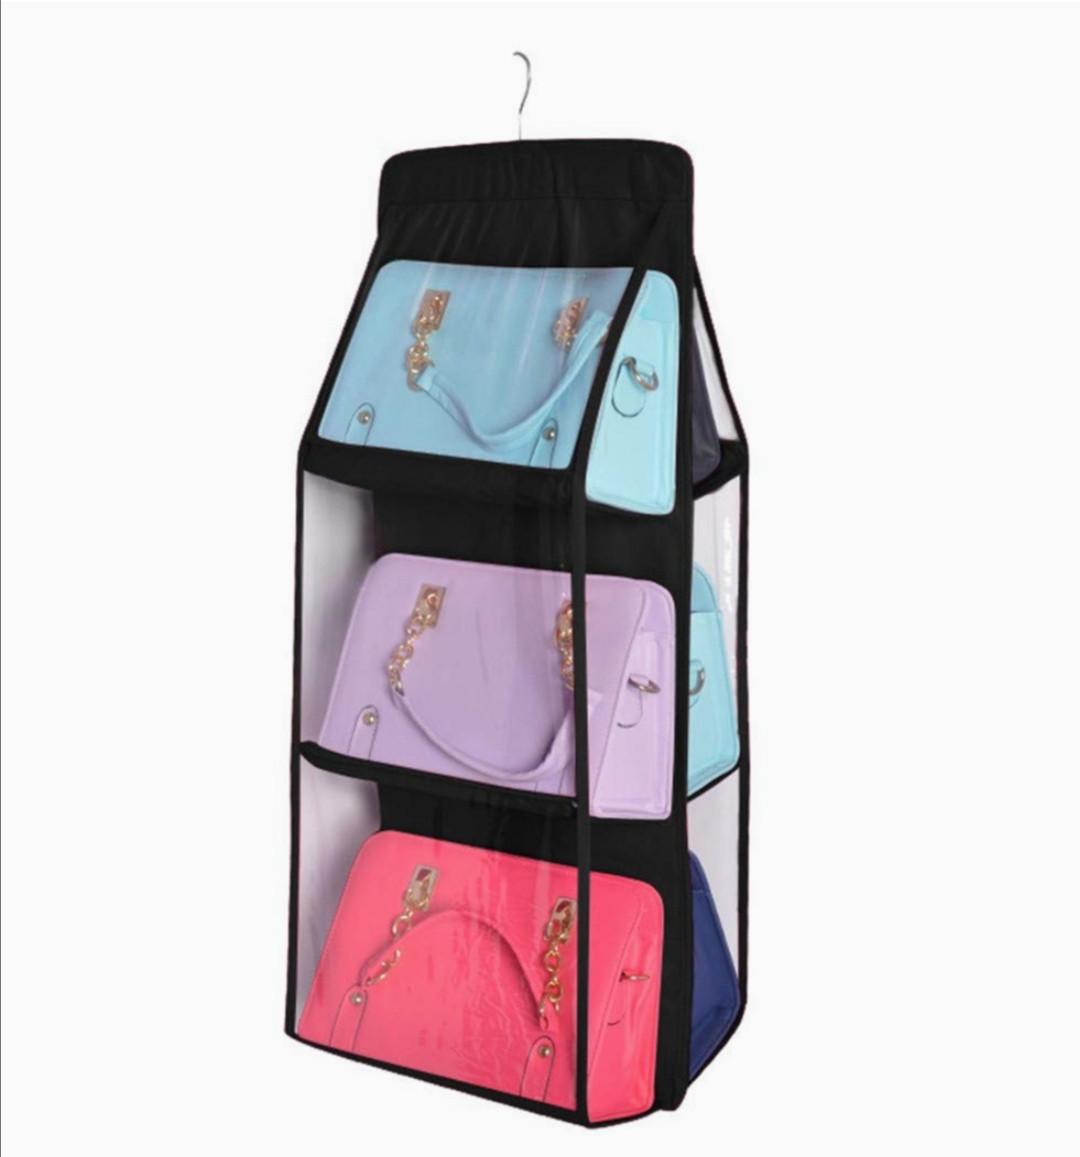 Подвесной органайзер на 6 отделений черного цвета для хранения сумок и мелких предметов одежды